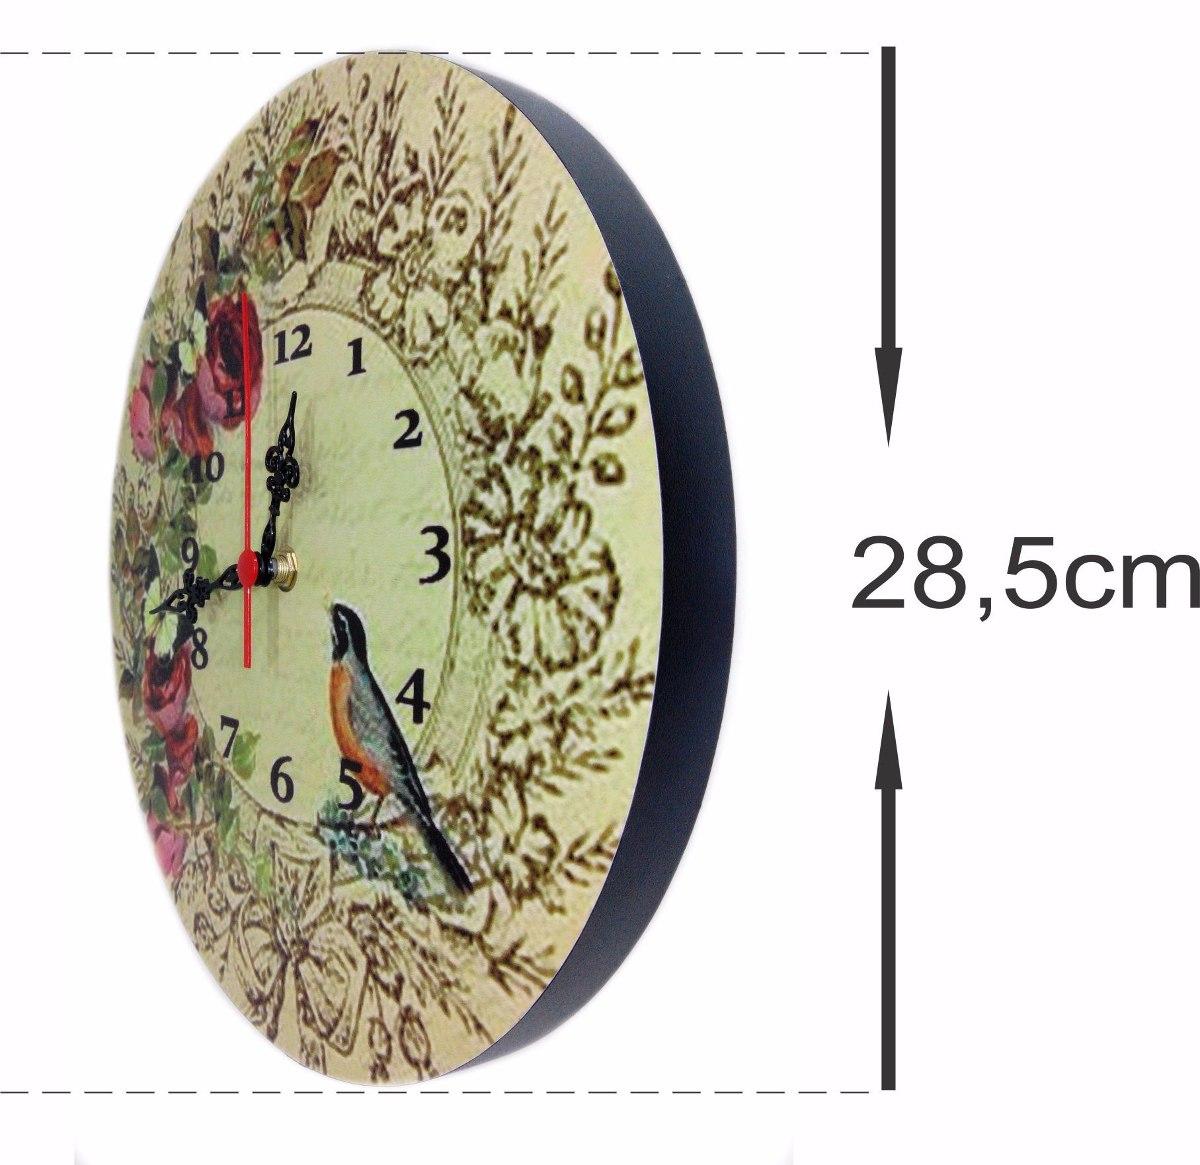 6b7629c9e83 relogio de parede diferente sala cozinha quarto envio 12h. Carregando zoom.